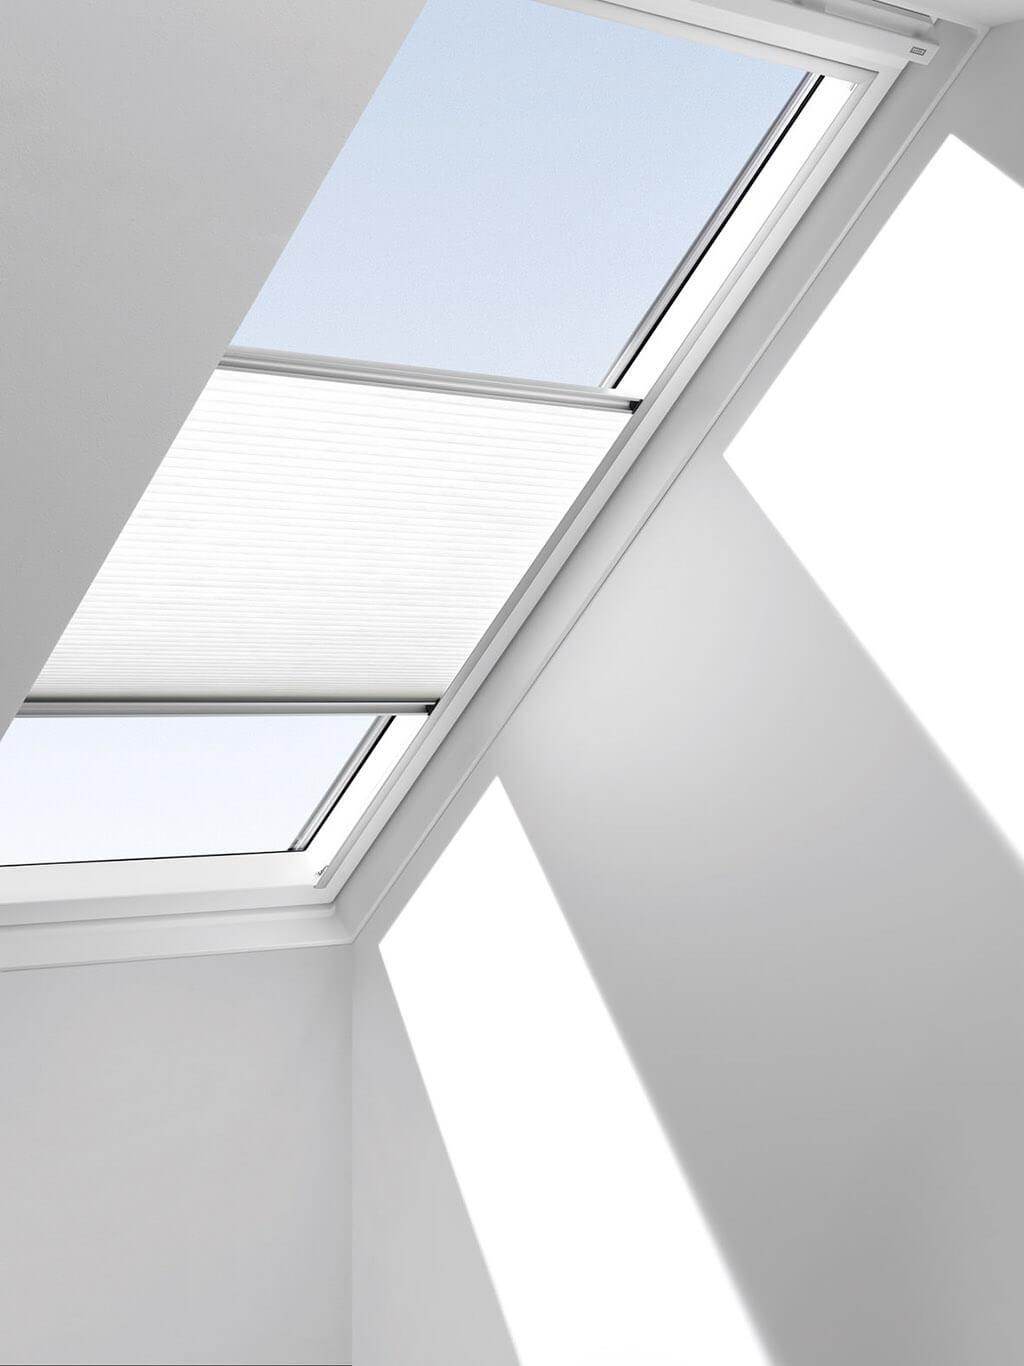 Plissee Weiss Dachfenster 02